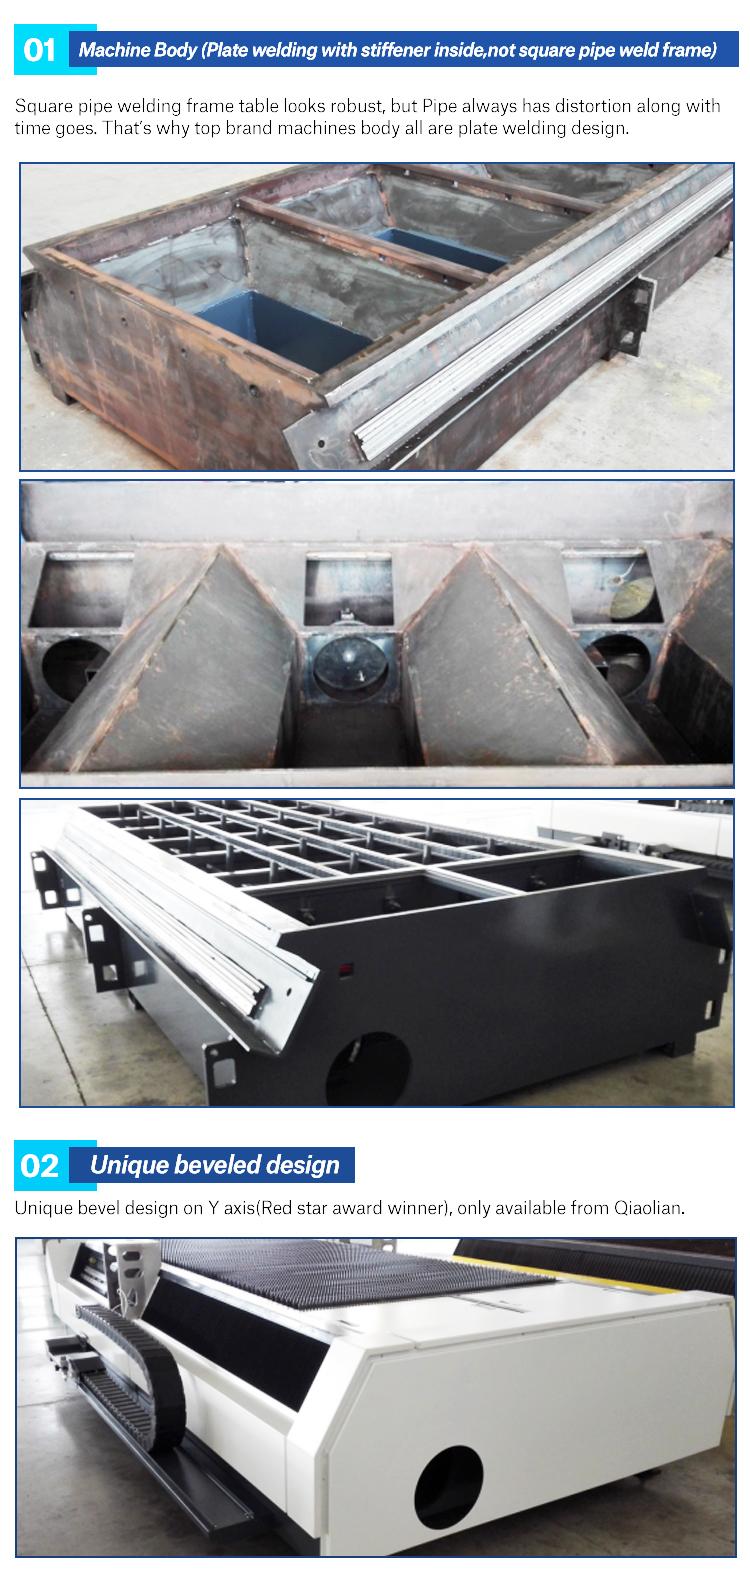 700 W, 1kw, 1500 w, 2kw, 3kw, 4kw, 6kw, 12kw fibra laser macchina di taglio con IPG, Raycus potenza